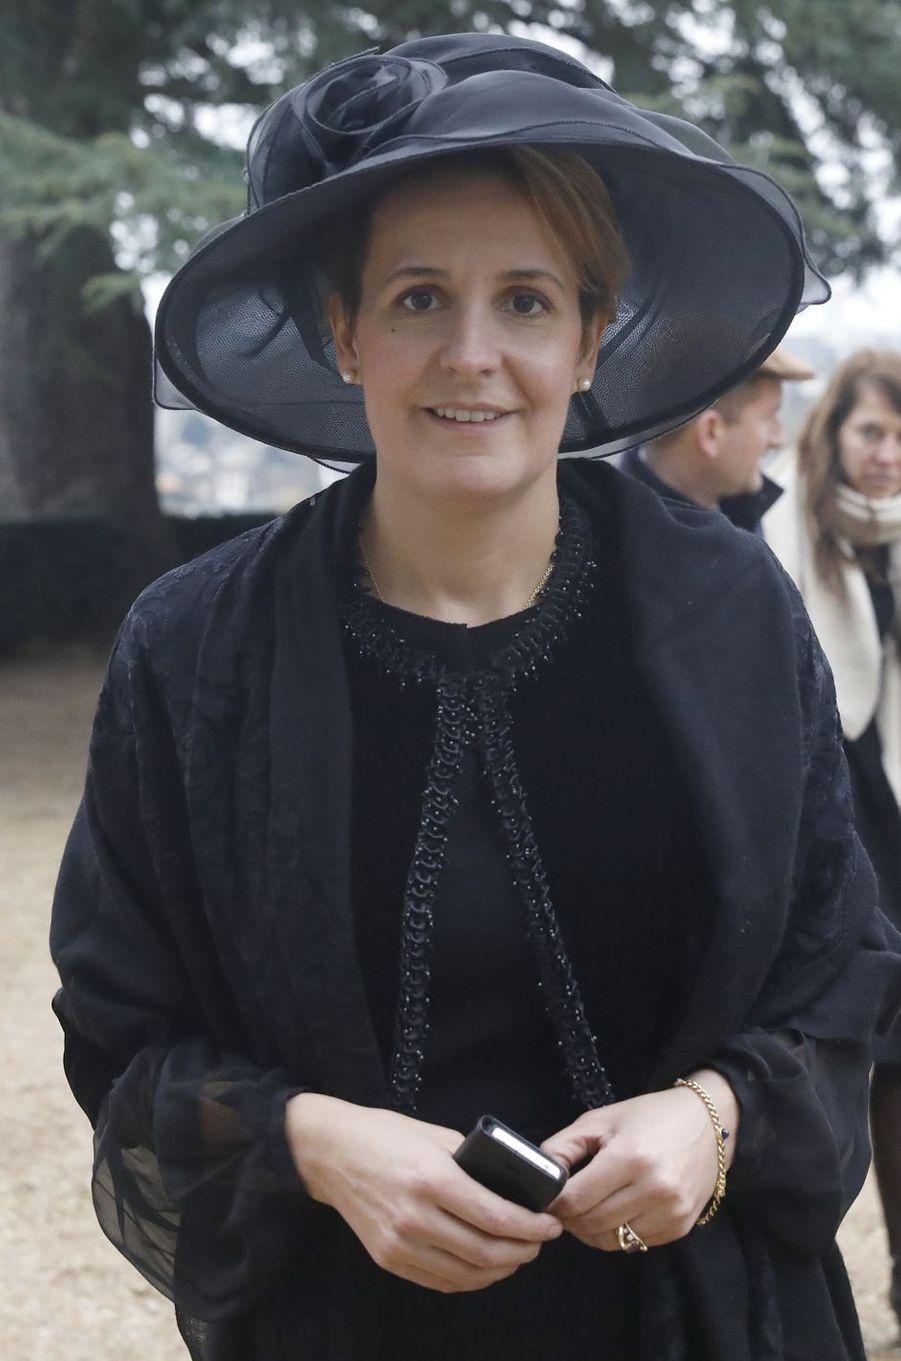 La princesse Philomena d'Orléans, épouse du prince Jean, à Dreux le 6 janvier 2018